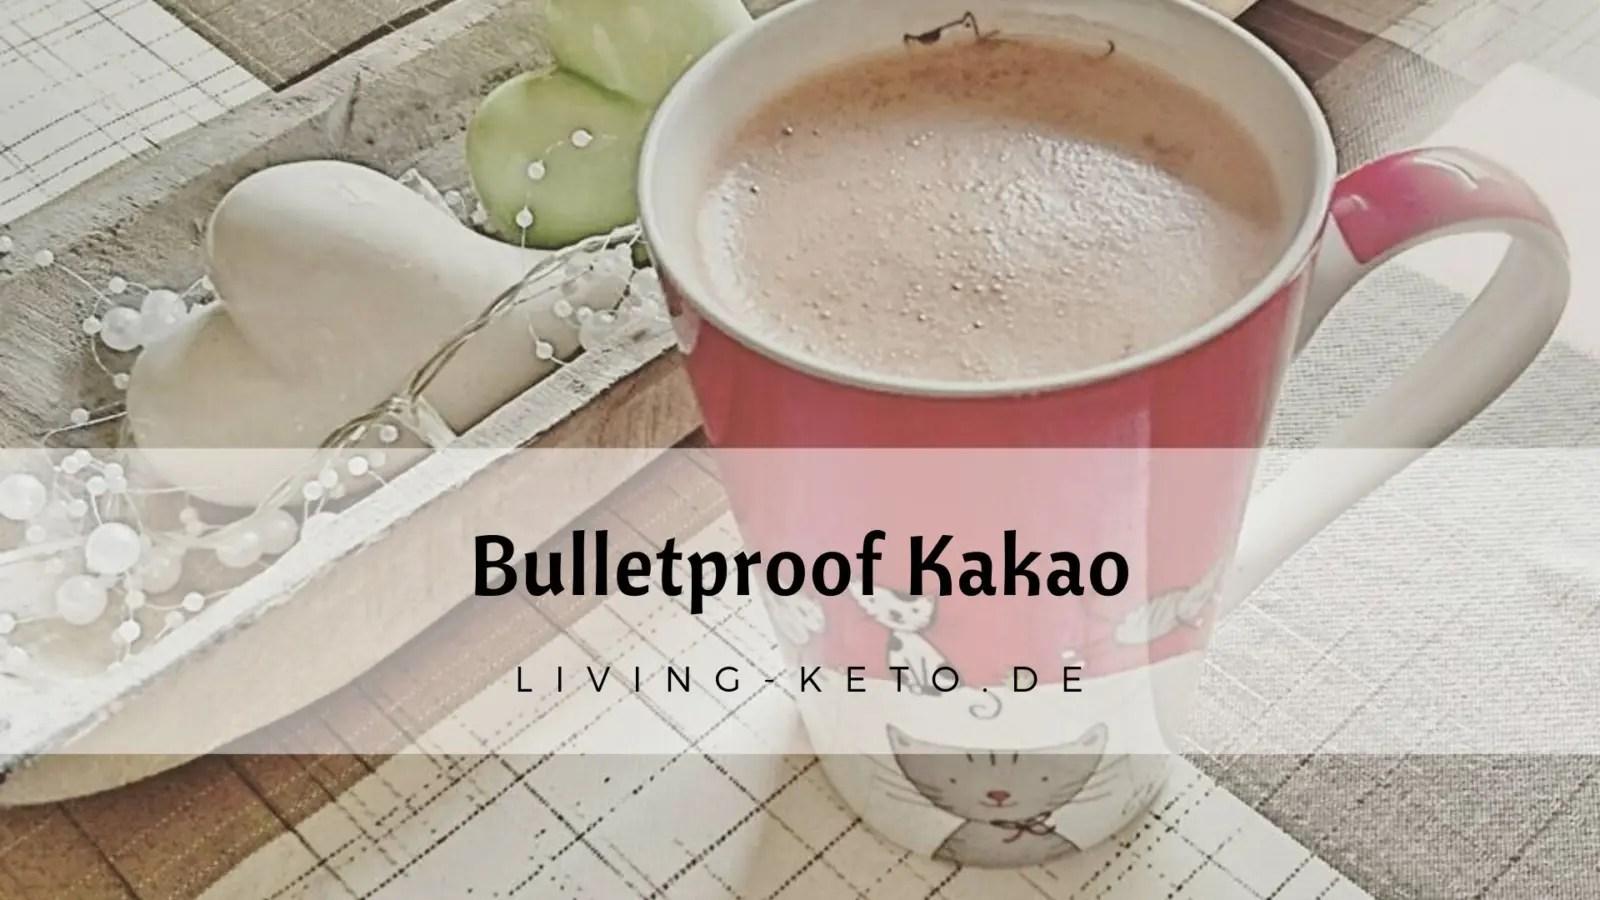 Bulletproof – Kakao